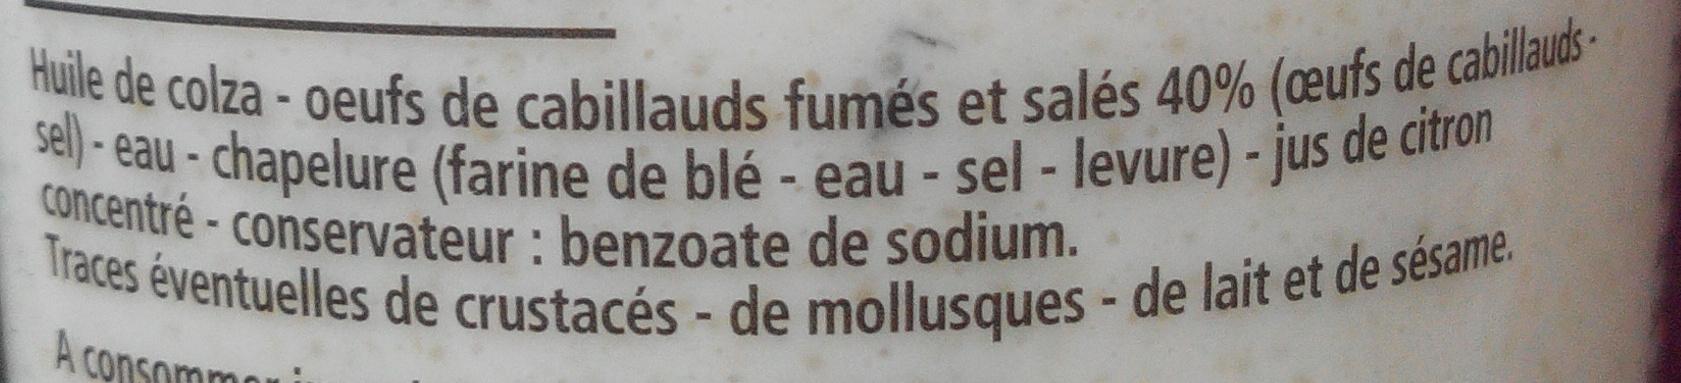 Tarama premium - Sans colorant - Ingrediënten